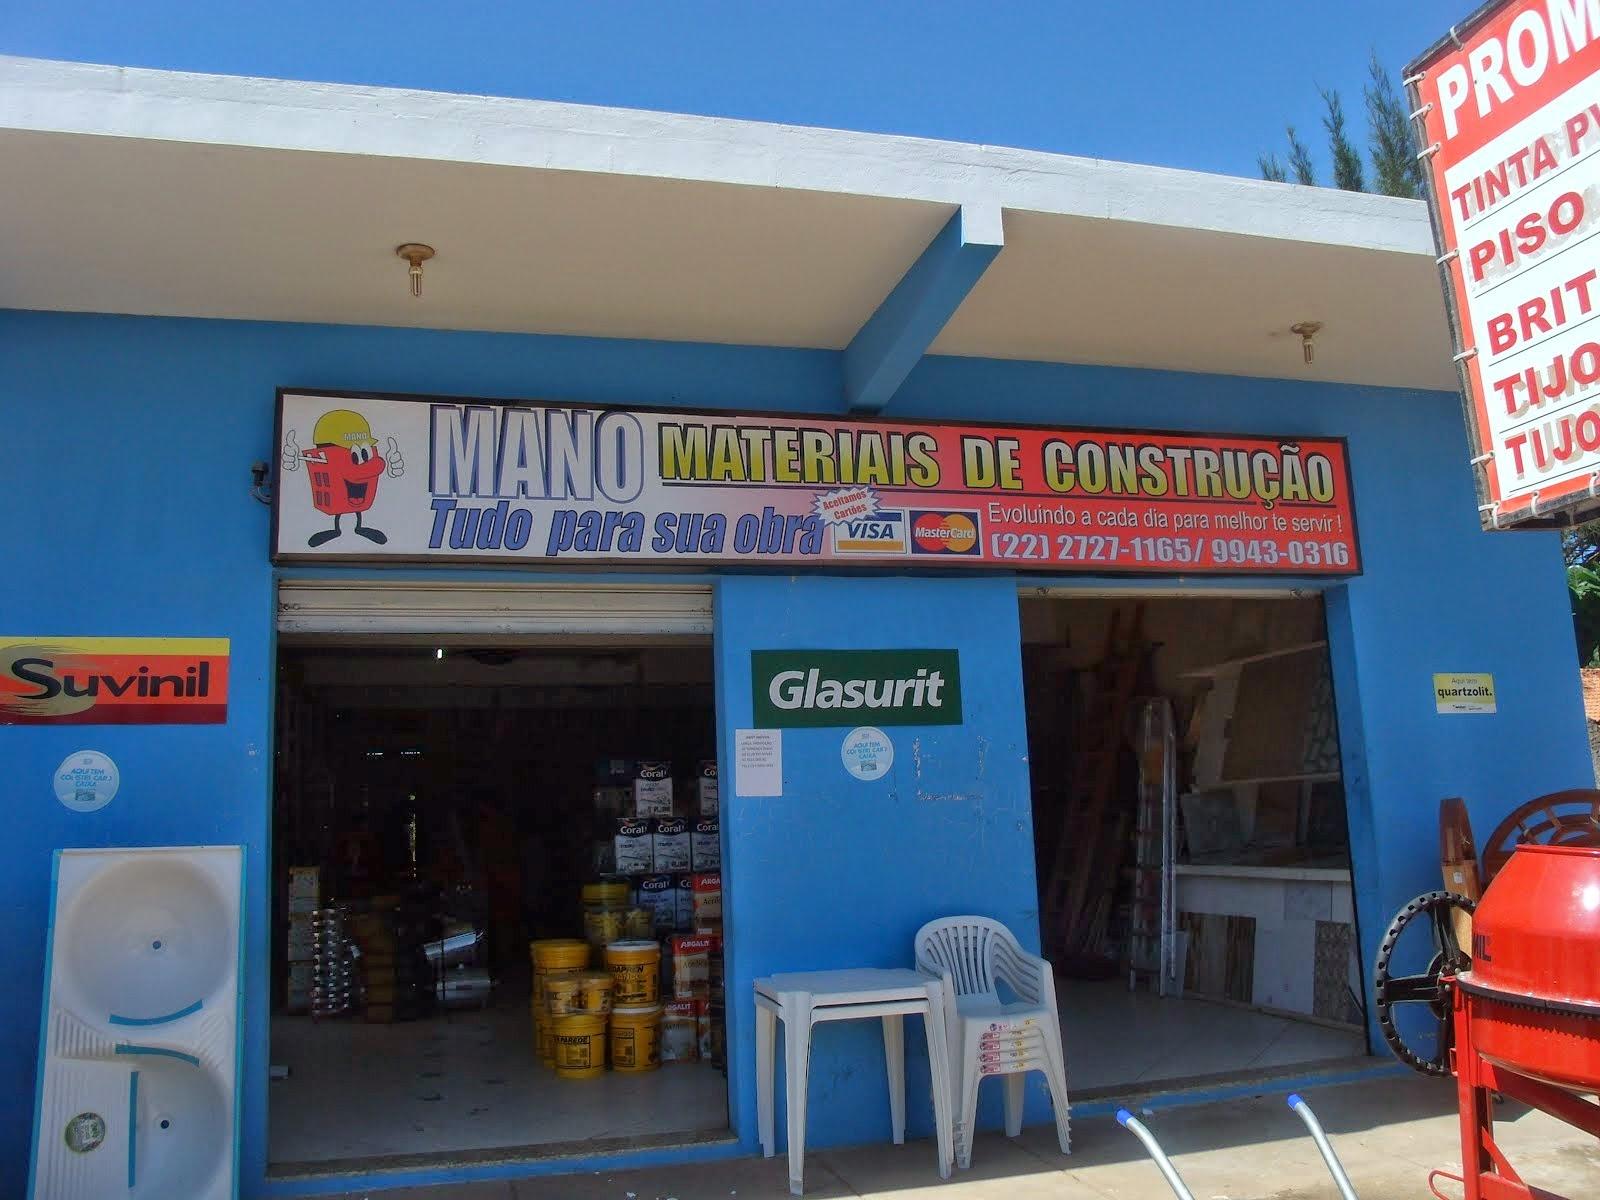 MANO MATERIAL DE CONSTRUÇÃO